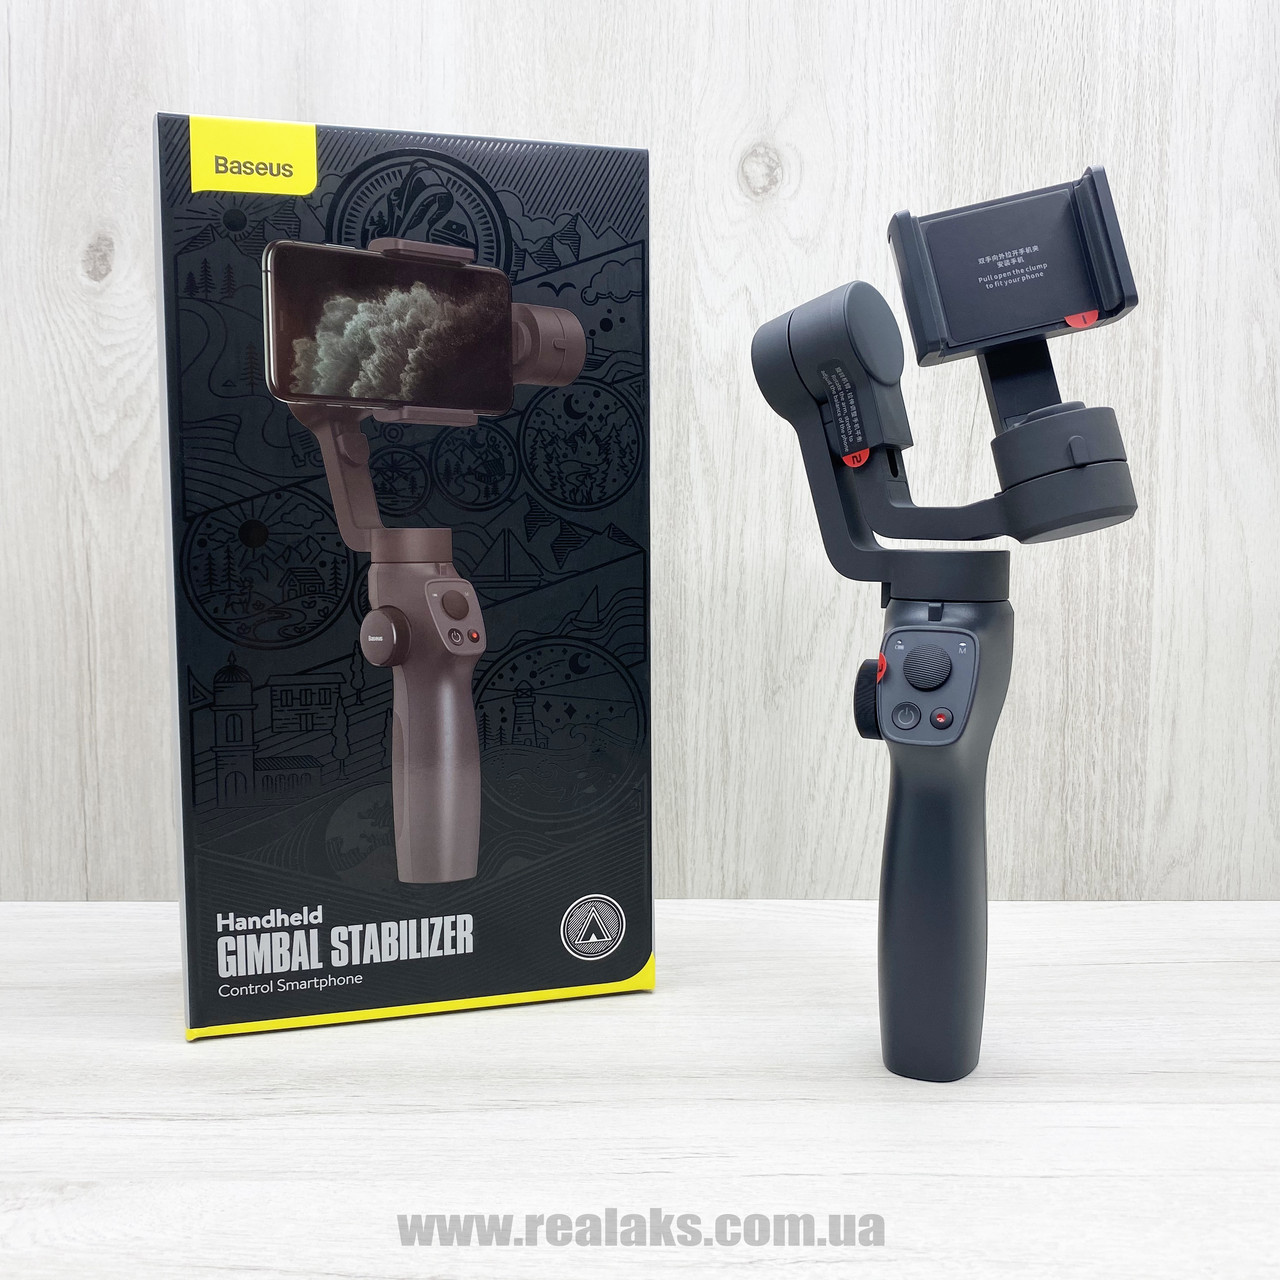 Стедікам електронний стабілізатор Baseus Handheld Gimbal Stabilizer (чорний)